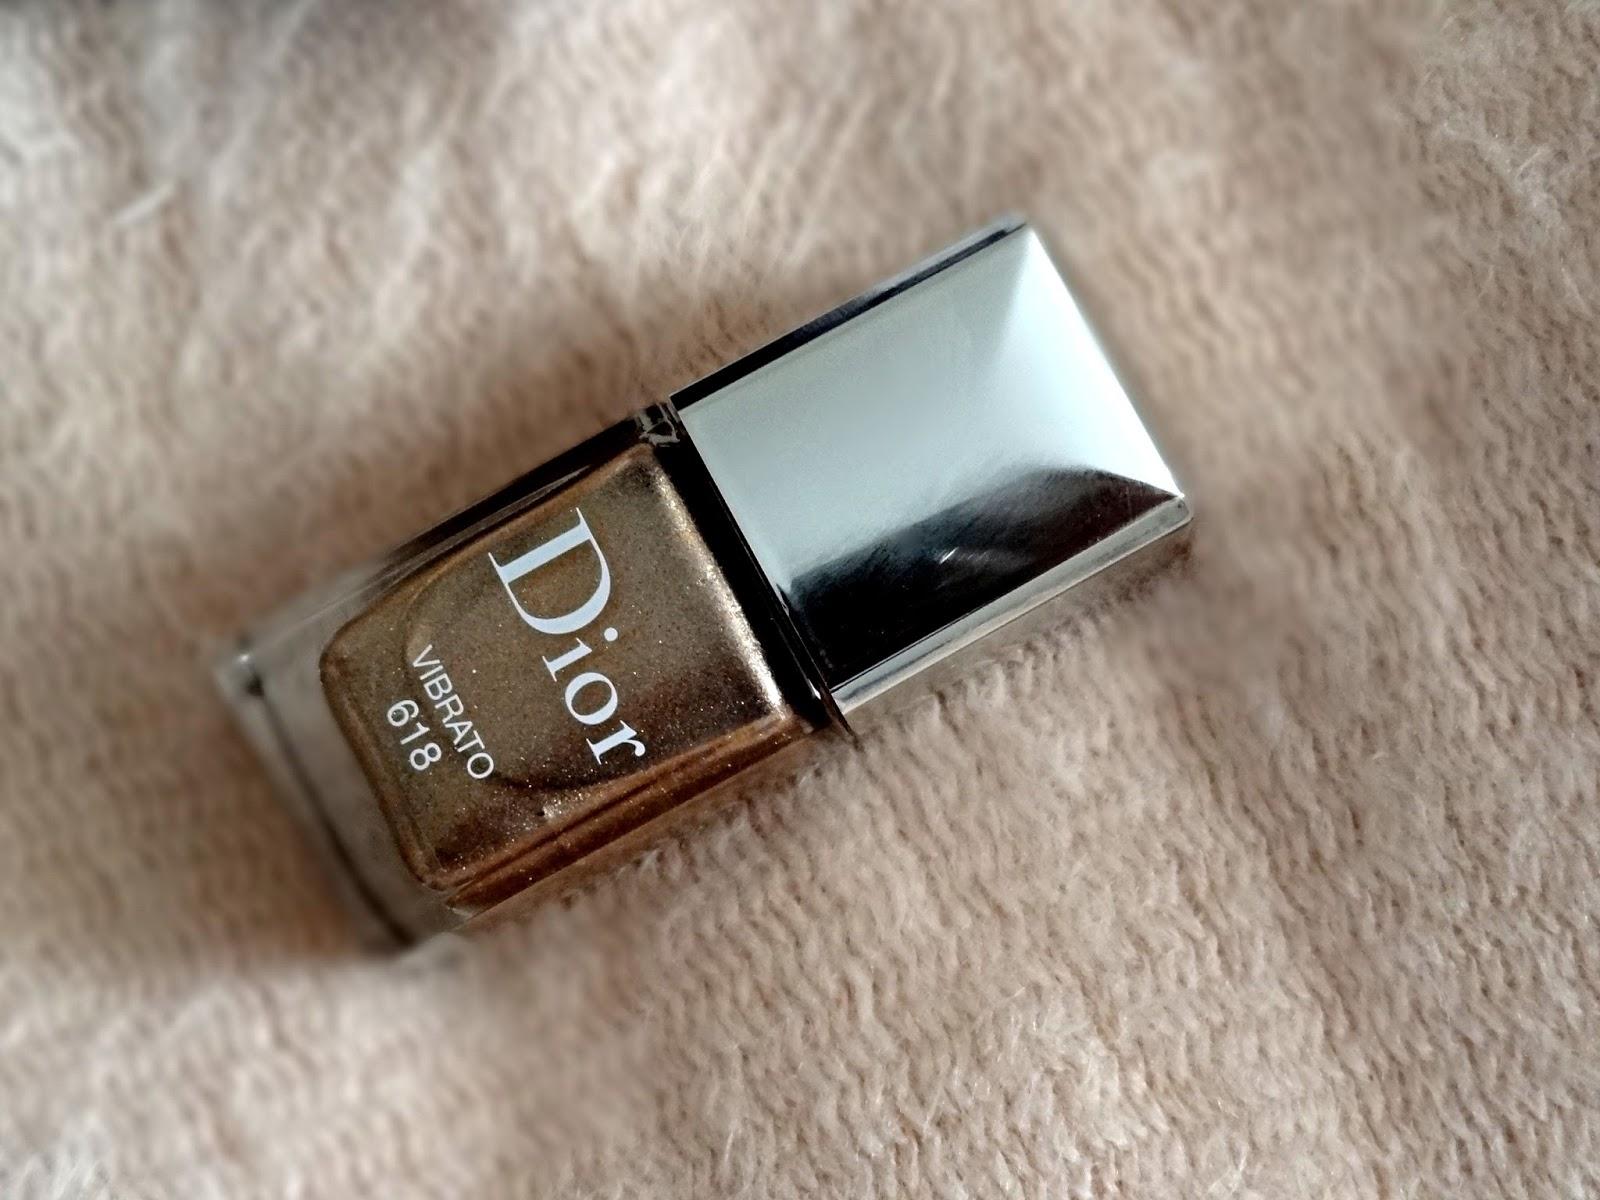 Dior Vernis Vibrato 618 Review, Photos & Swatches